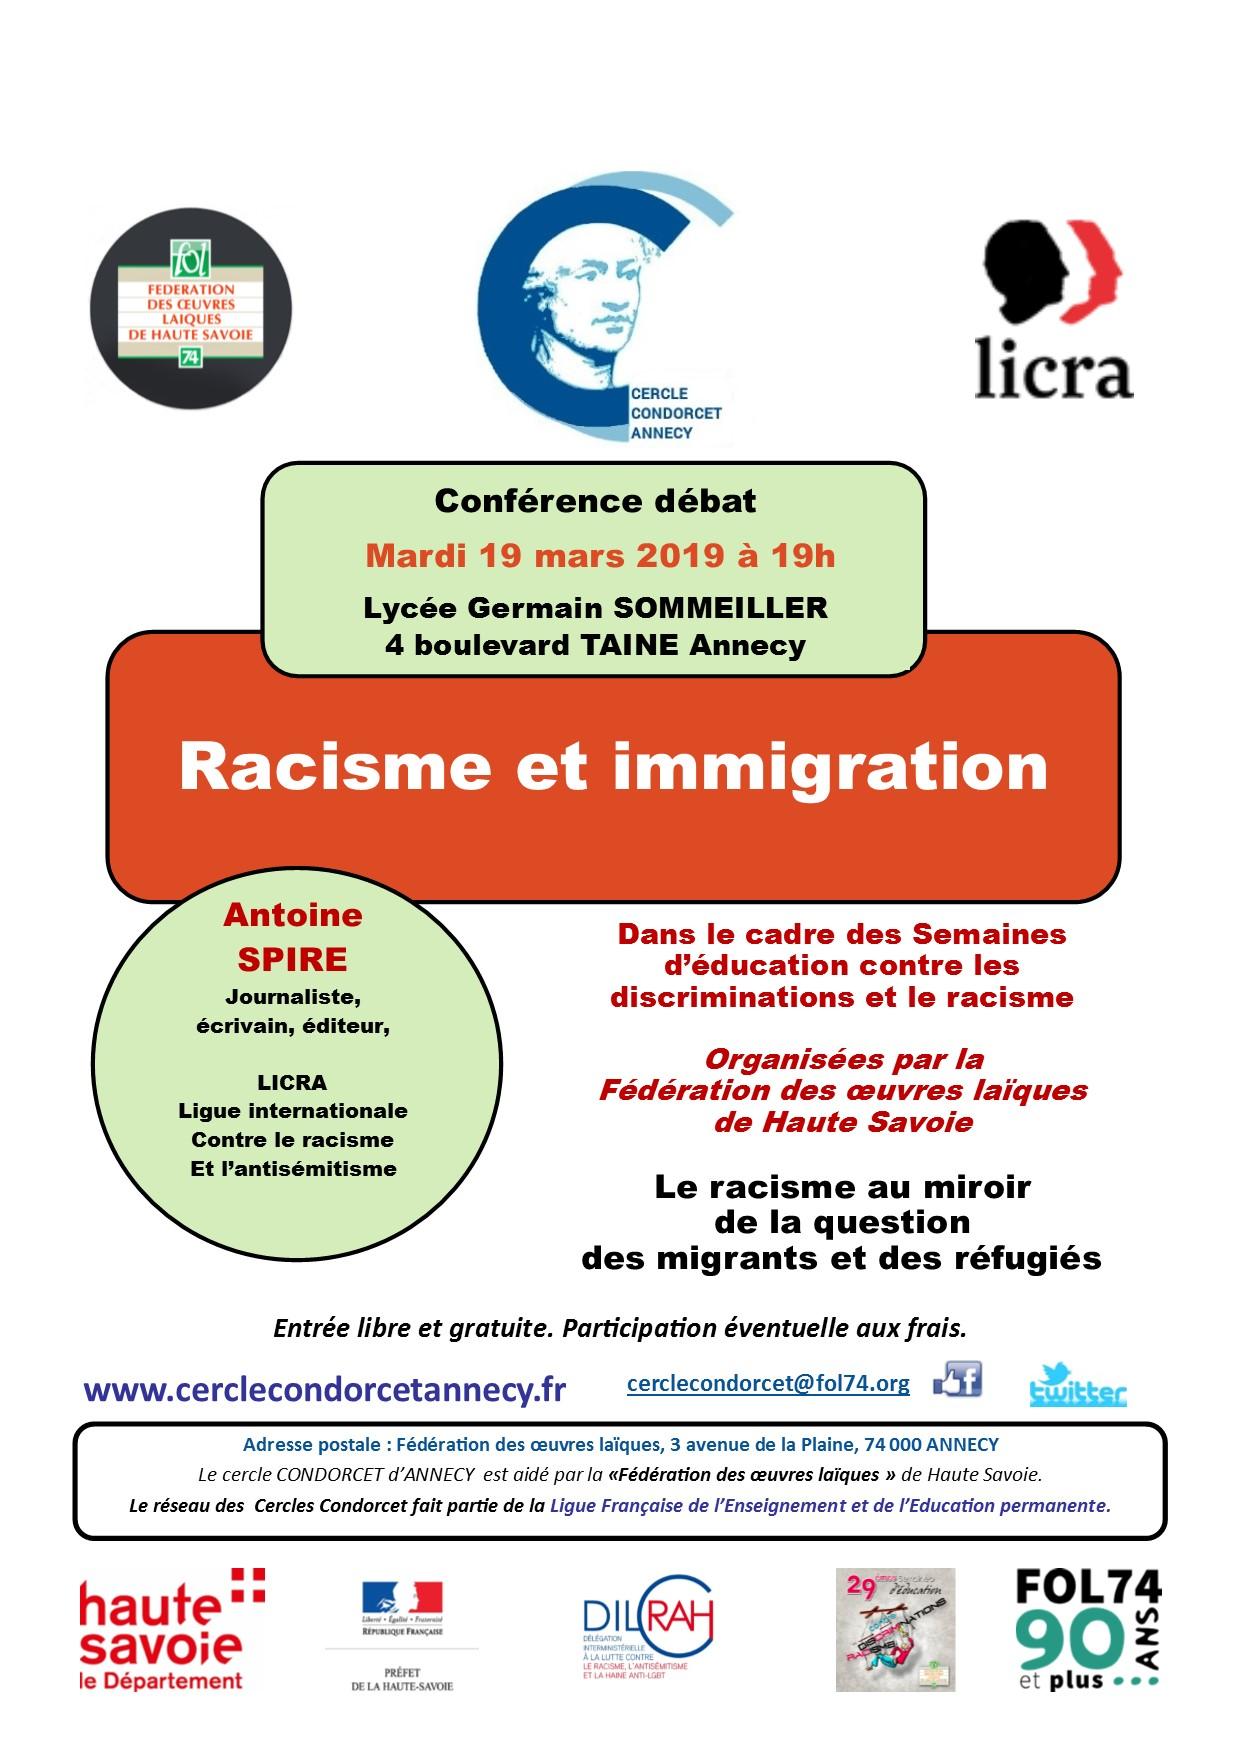 AFFICHE RACISME et immigration recto 4 SPIRE